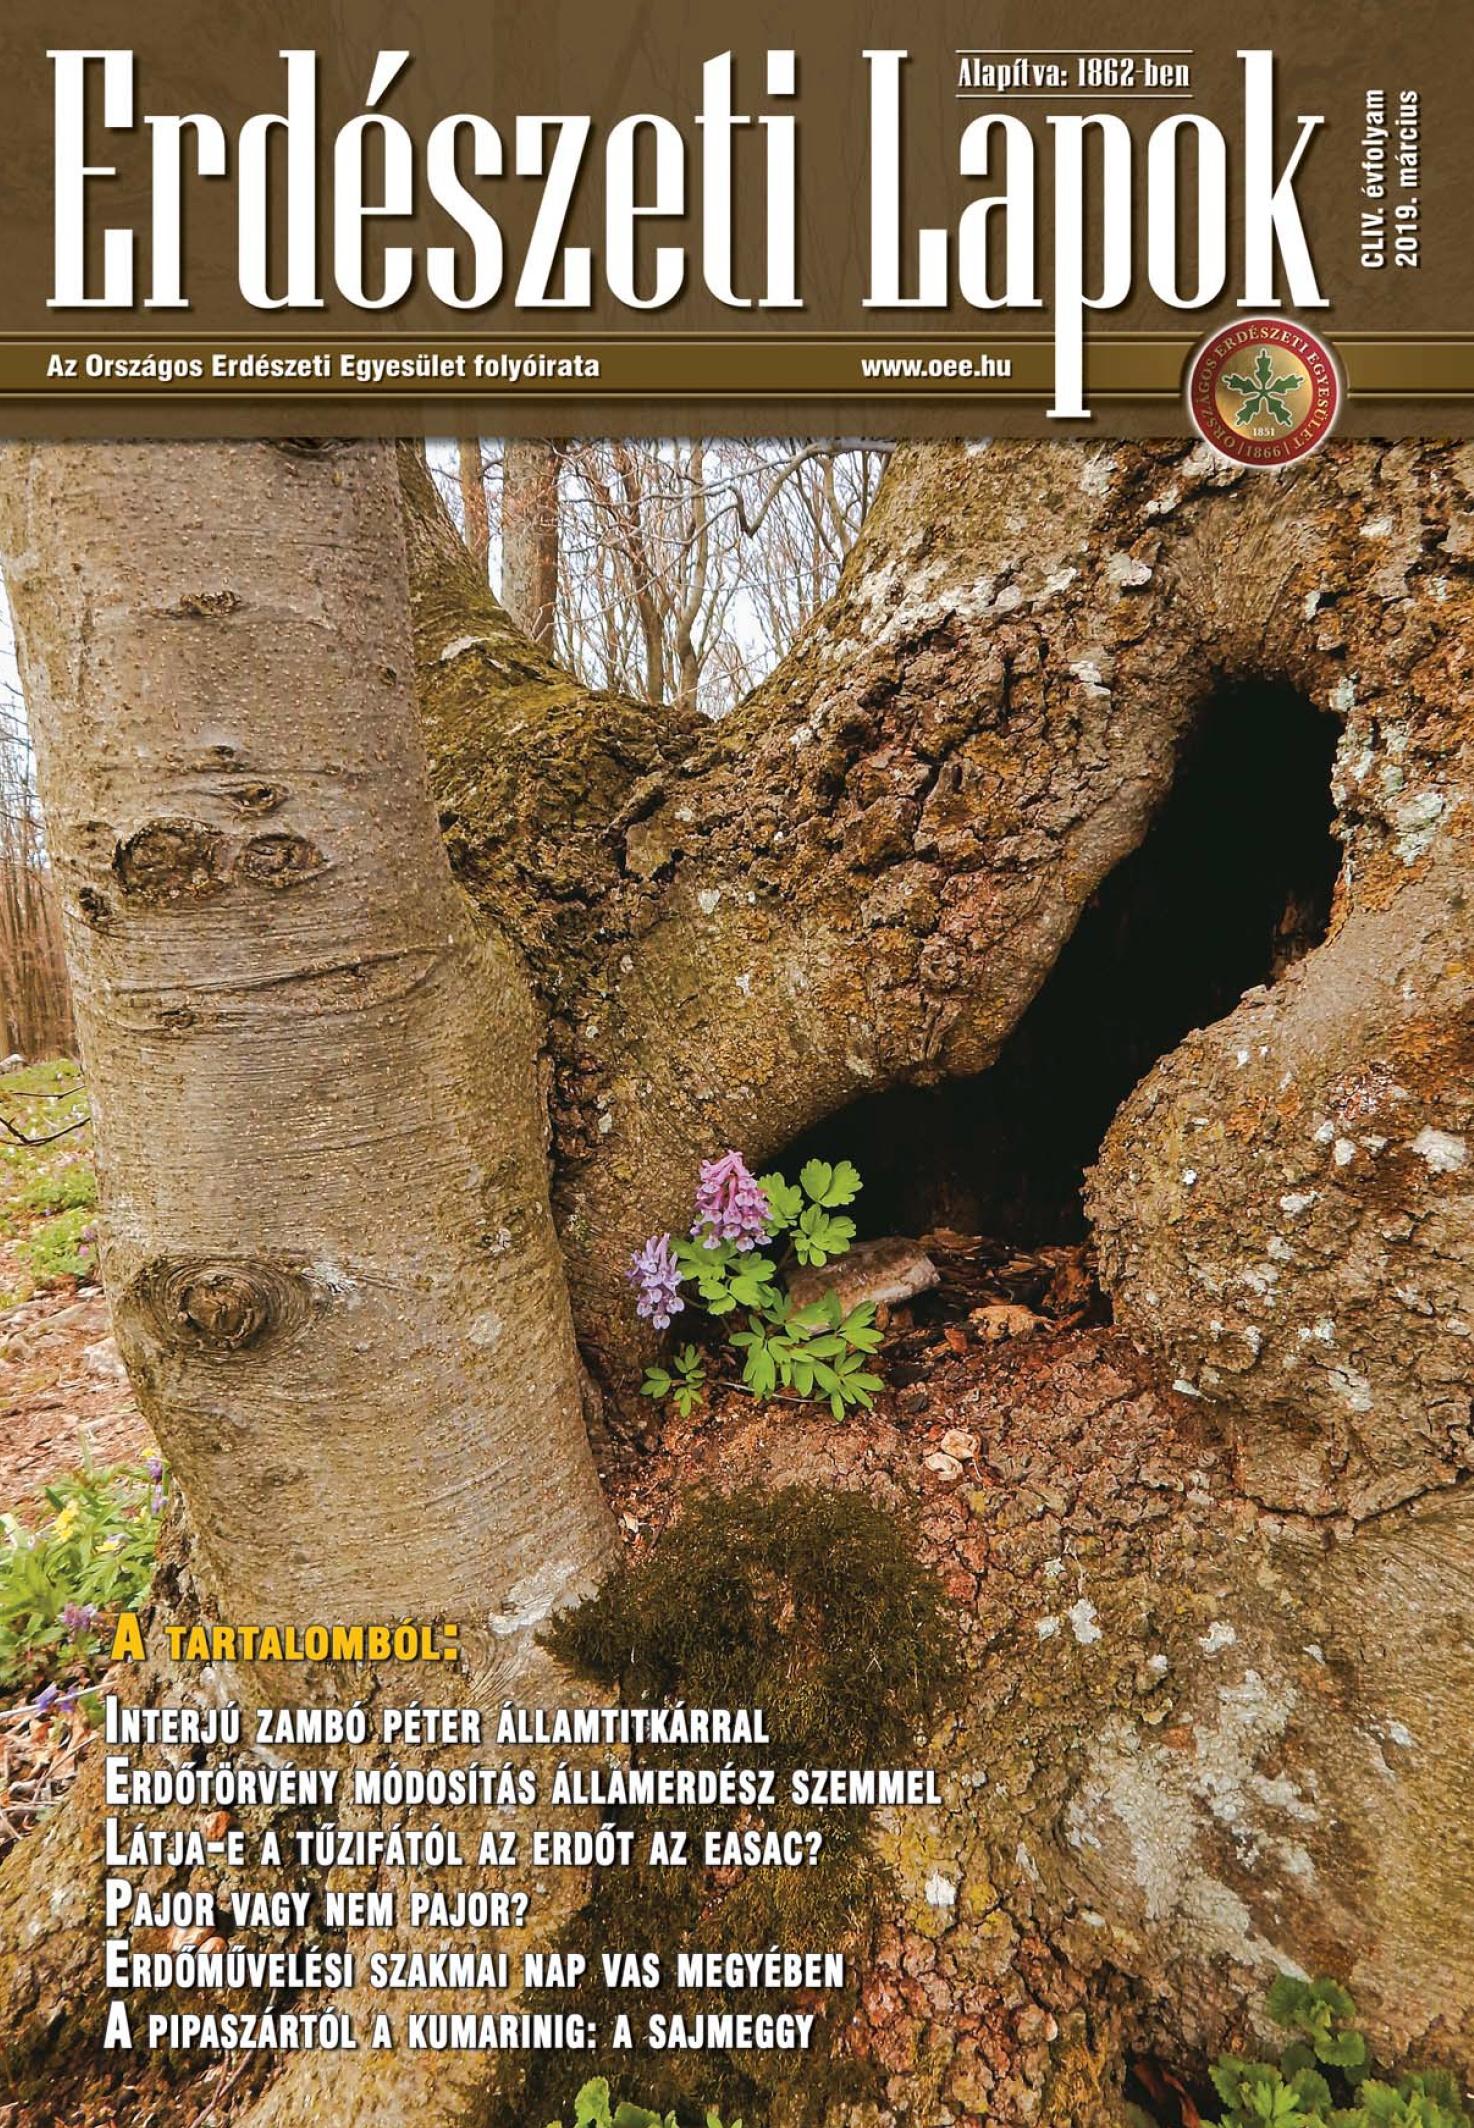 Erdészeti Lapok - 154. évfolyam - 2019. március